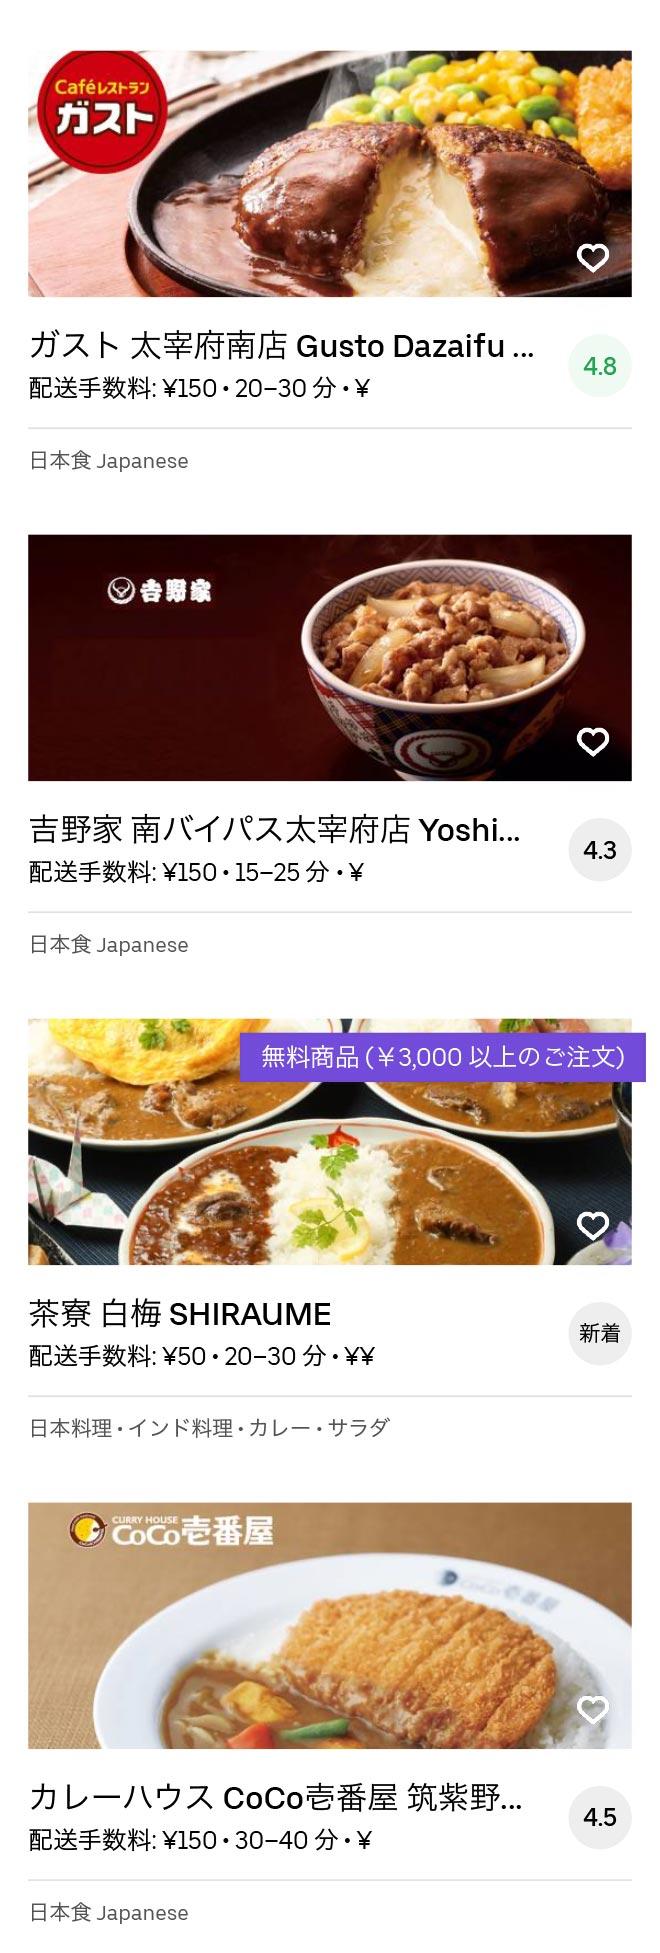 Dazaifu menu 2004 02